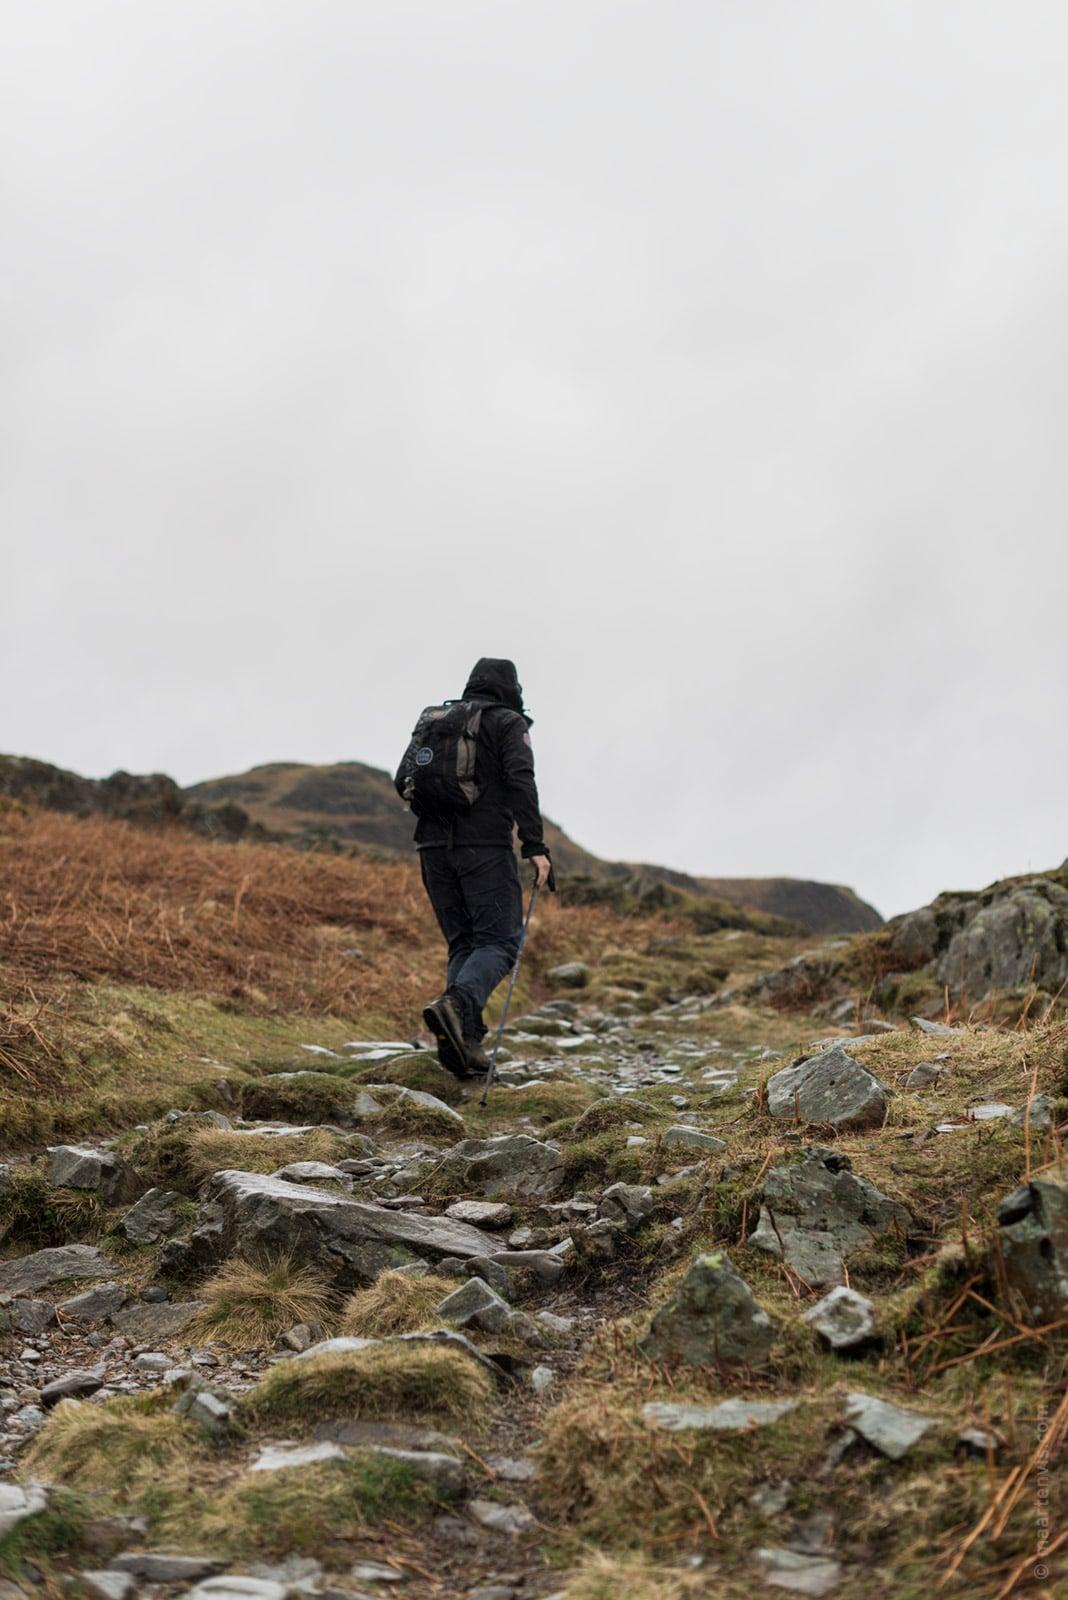 20160327 8655 - Lake District Hiking